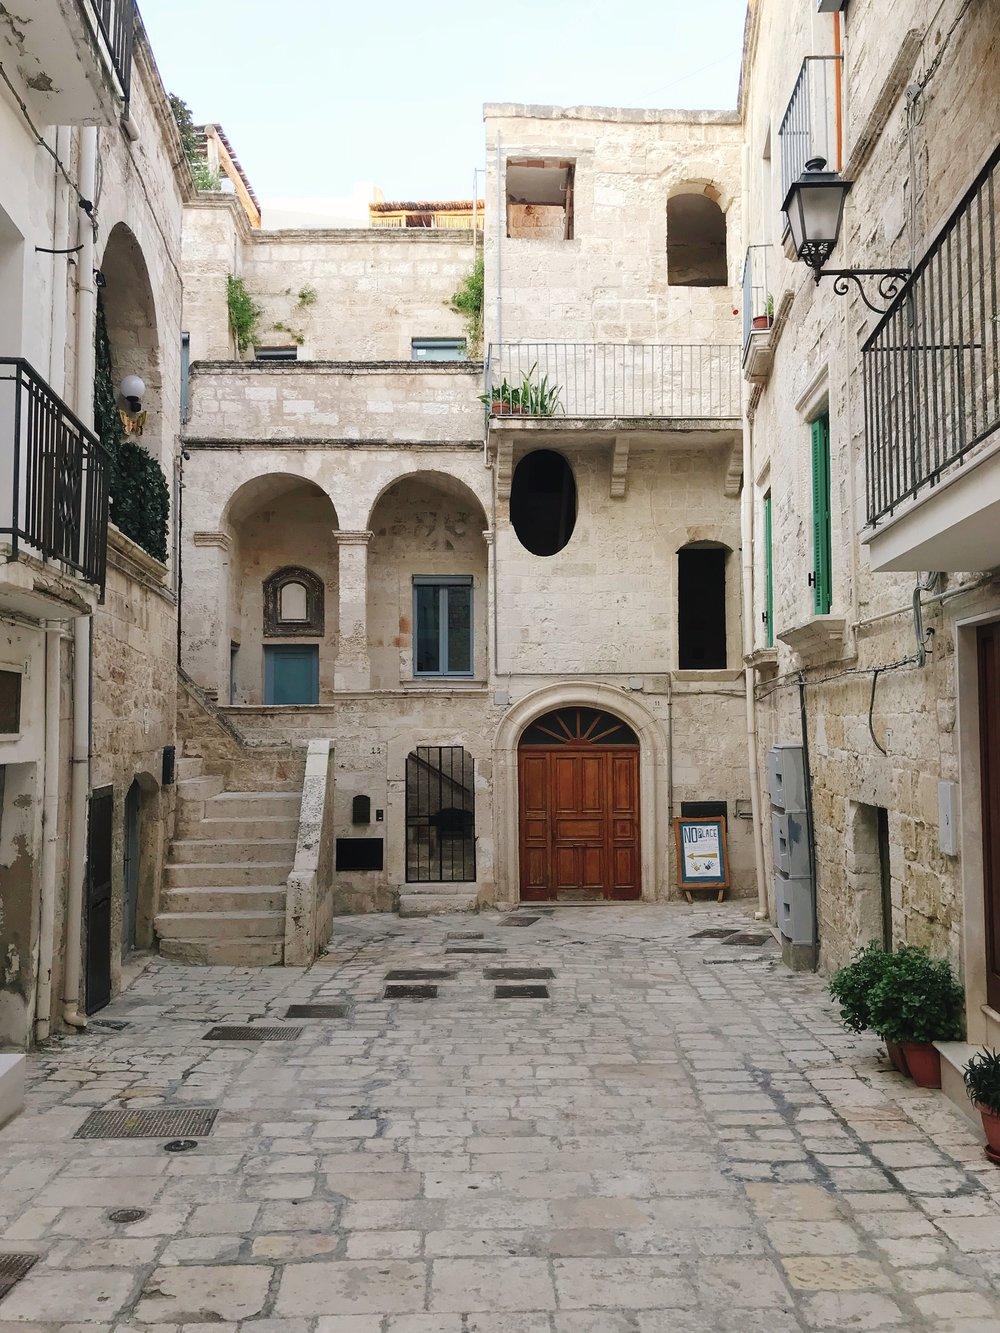 Polignano A Mare: Cityscape